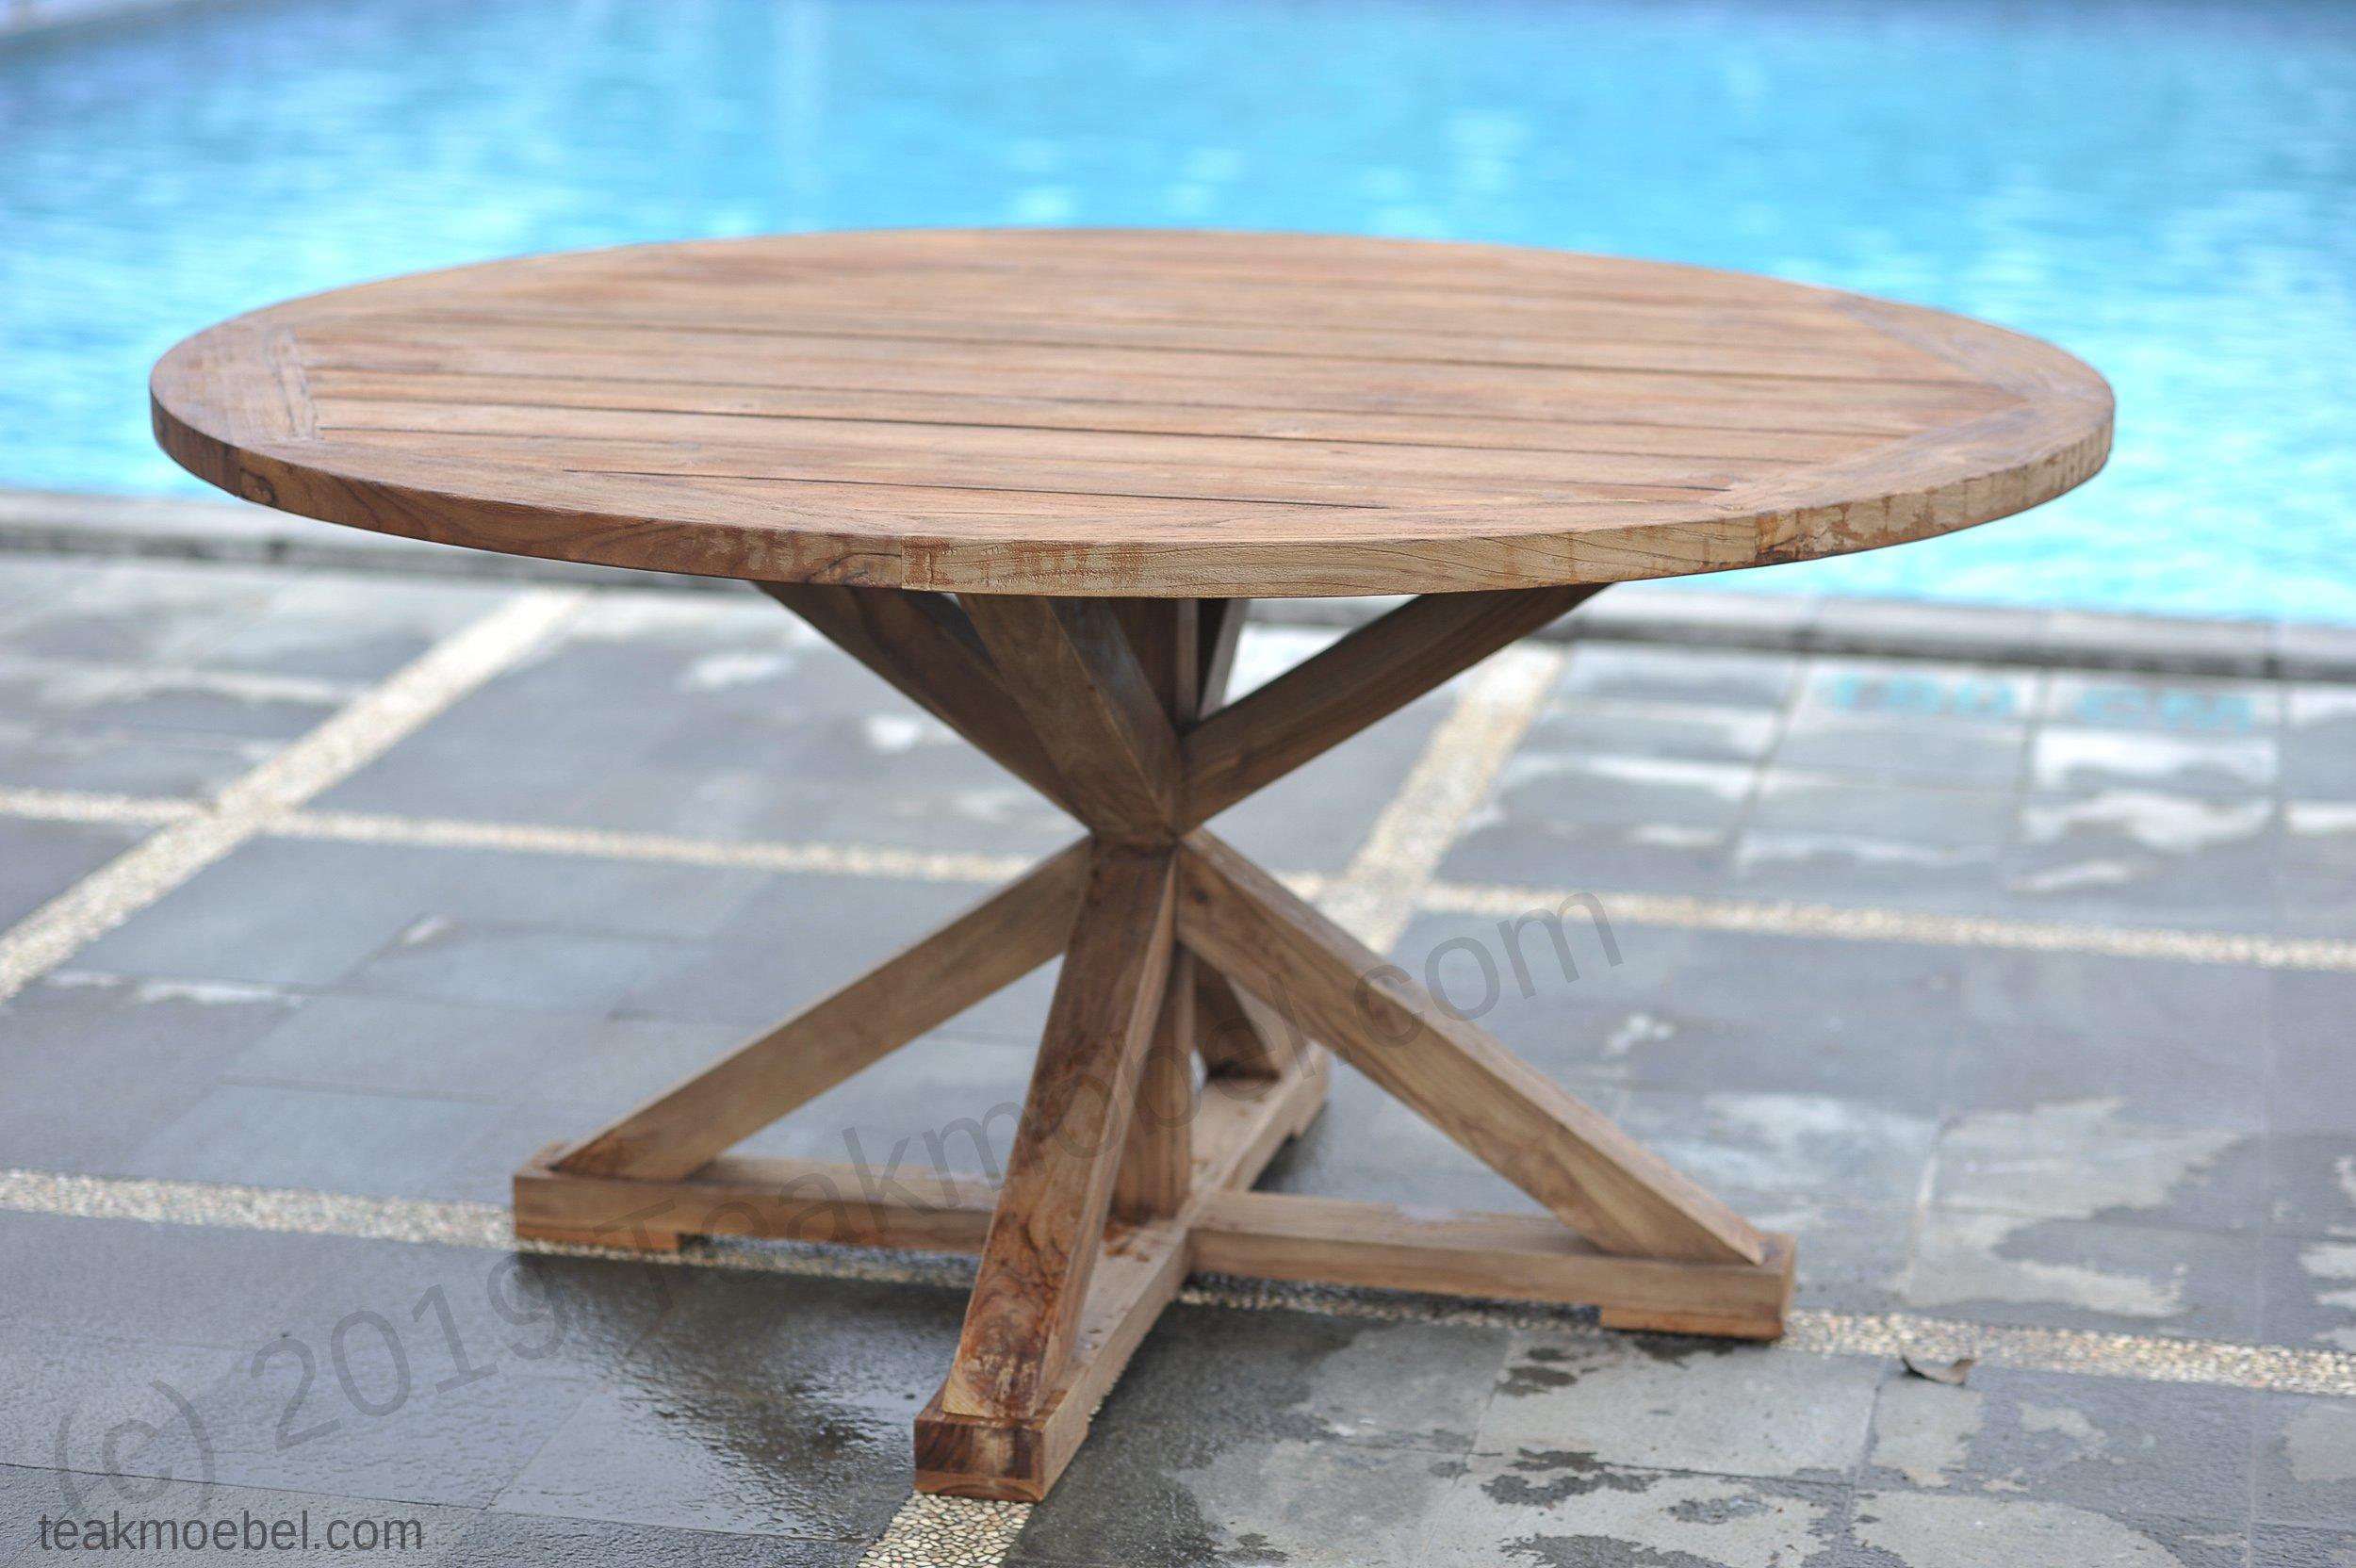 Gartentisch Rund 160 Cm Durchmesser 29 Einzigartig Gartentisch